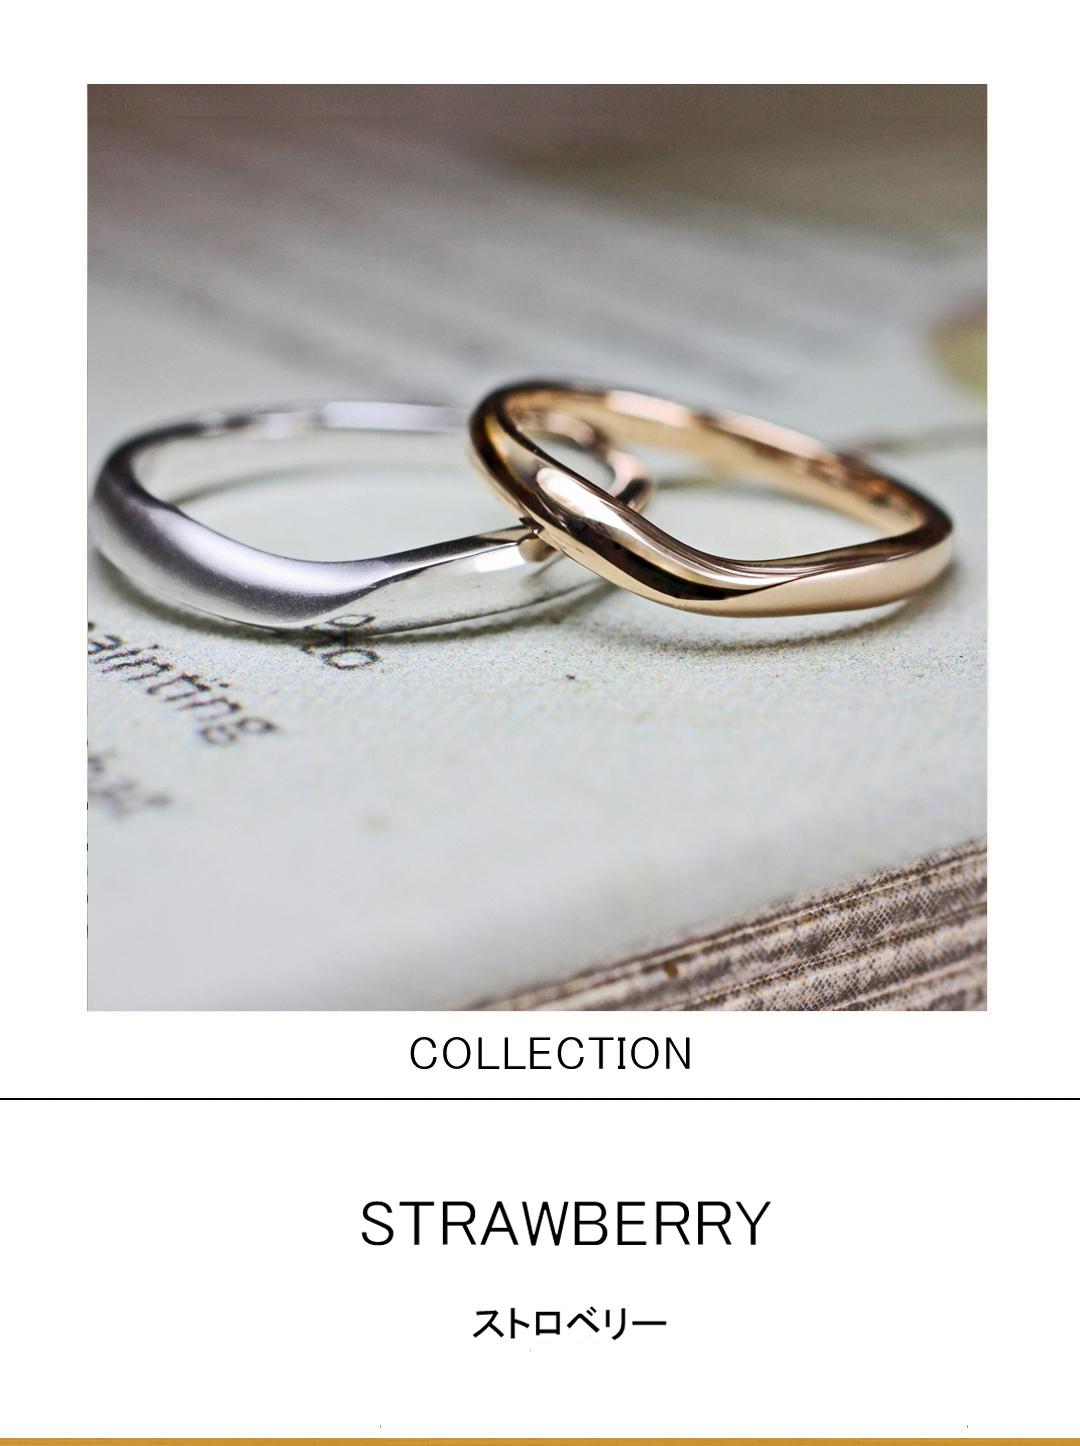 緩やかなVラインにもSラインにも見えるピンクゴールドの結婚指輪のサムネイル